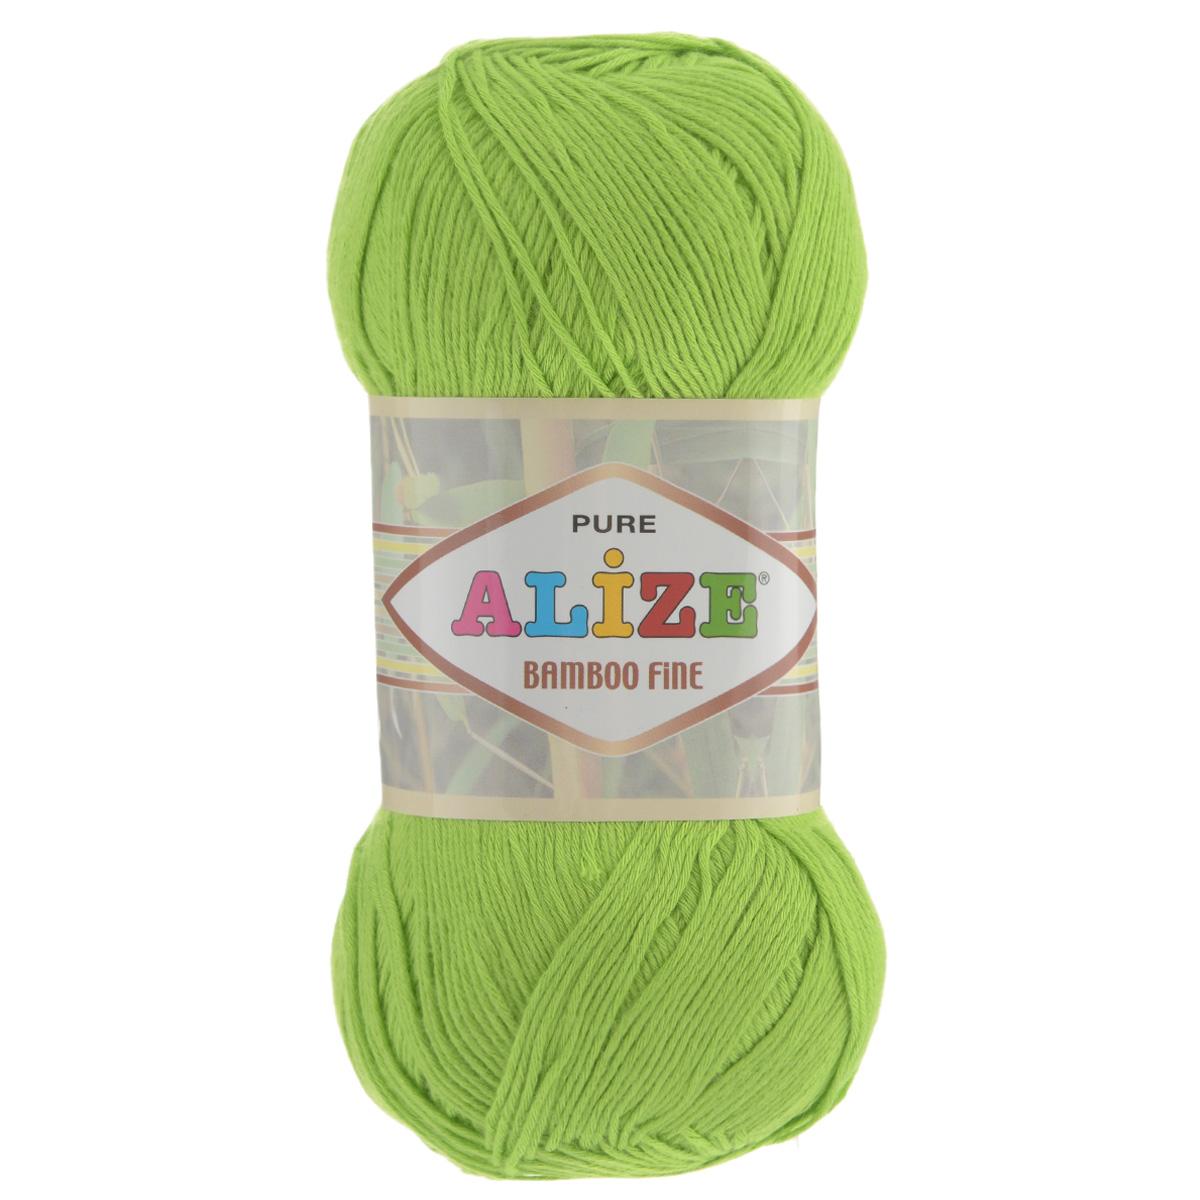 Пряжа для вязания Alize Bamboo Fine, цвет: ярко-зеленый (612), 440 м, 100 г, 5 шт688988_612Пряжа Alize Bamboo Fine подходит для ручного вязания детям и взрослым. Пряжа однотонная, приятная на ощупь, хорошо лежит в полотне. Изделия из такой нити получаются мягкие и красивые. Рекомендованные спицы 2,5-3,5 мм и крючок для вязания 1-3 мм. Состав: 100% бамбук.